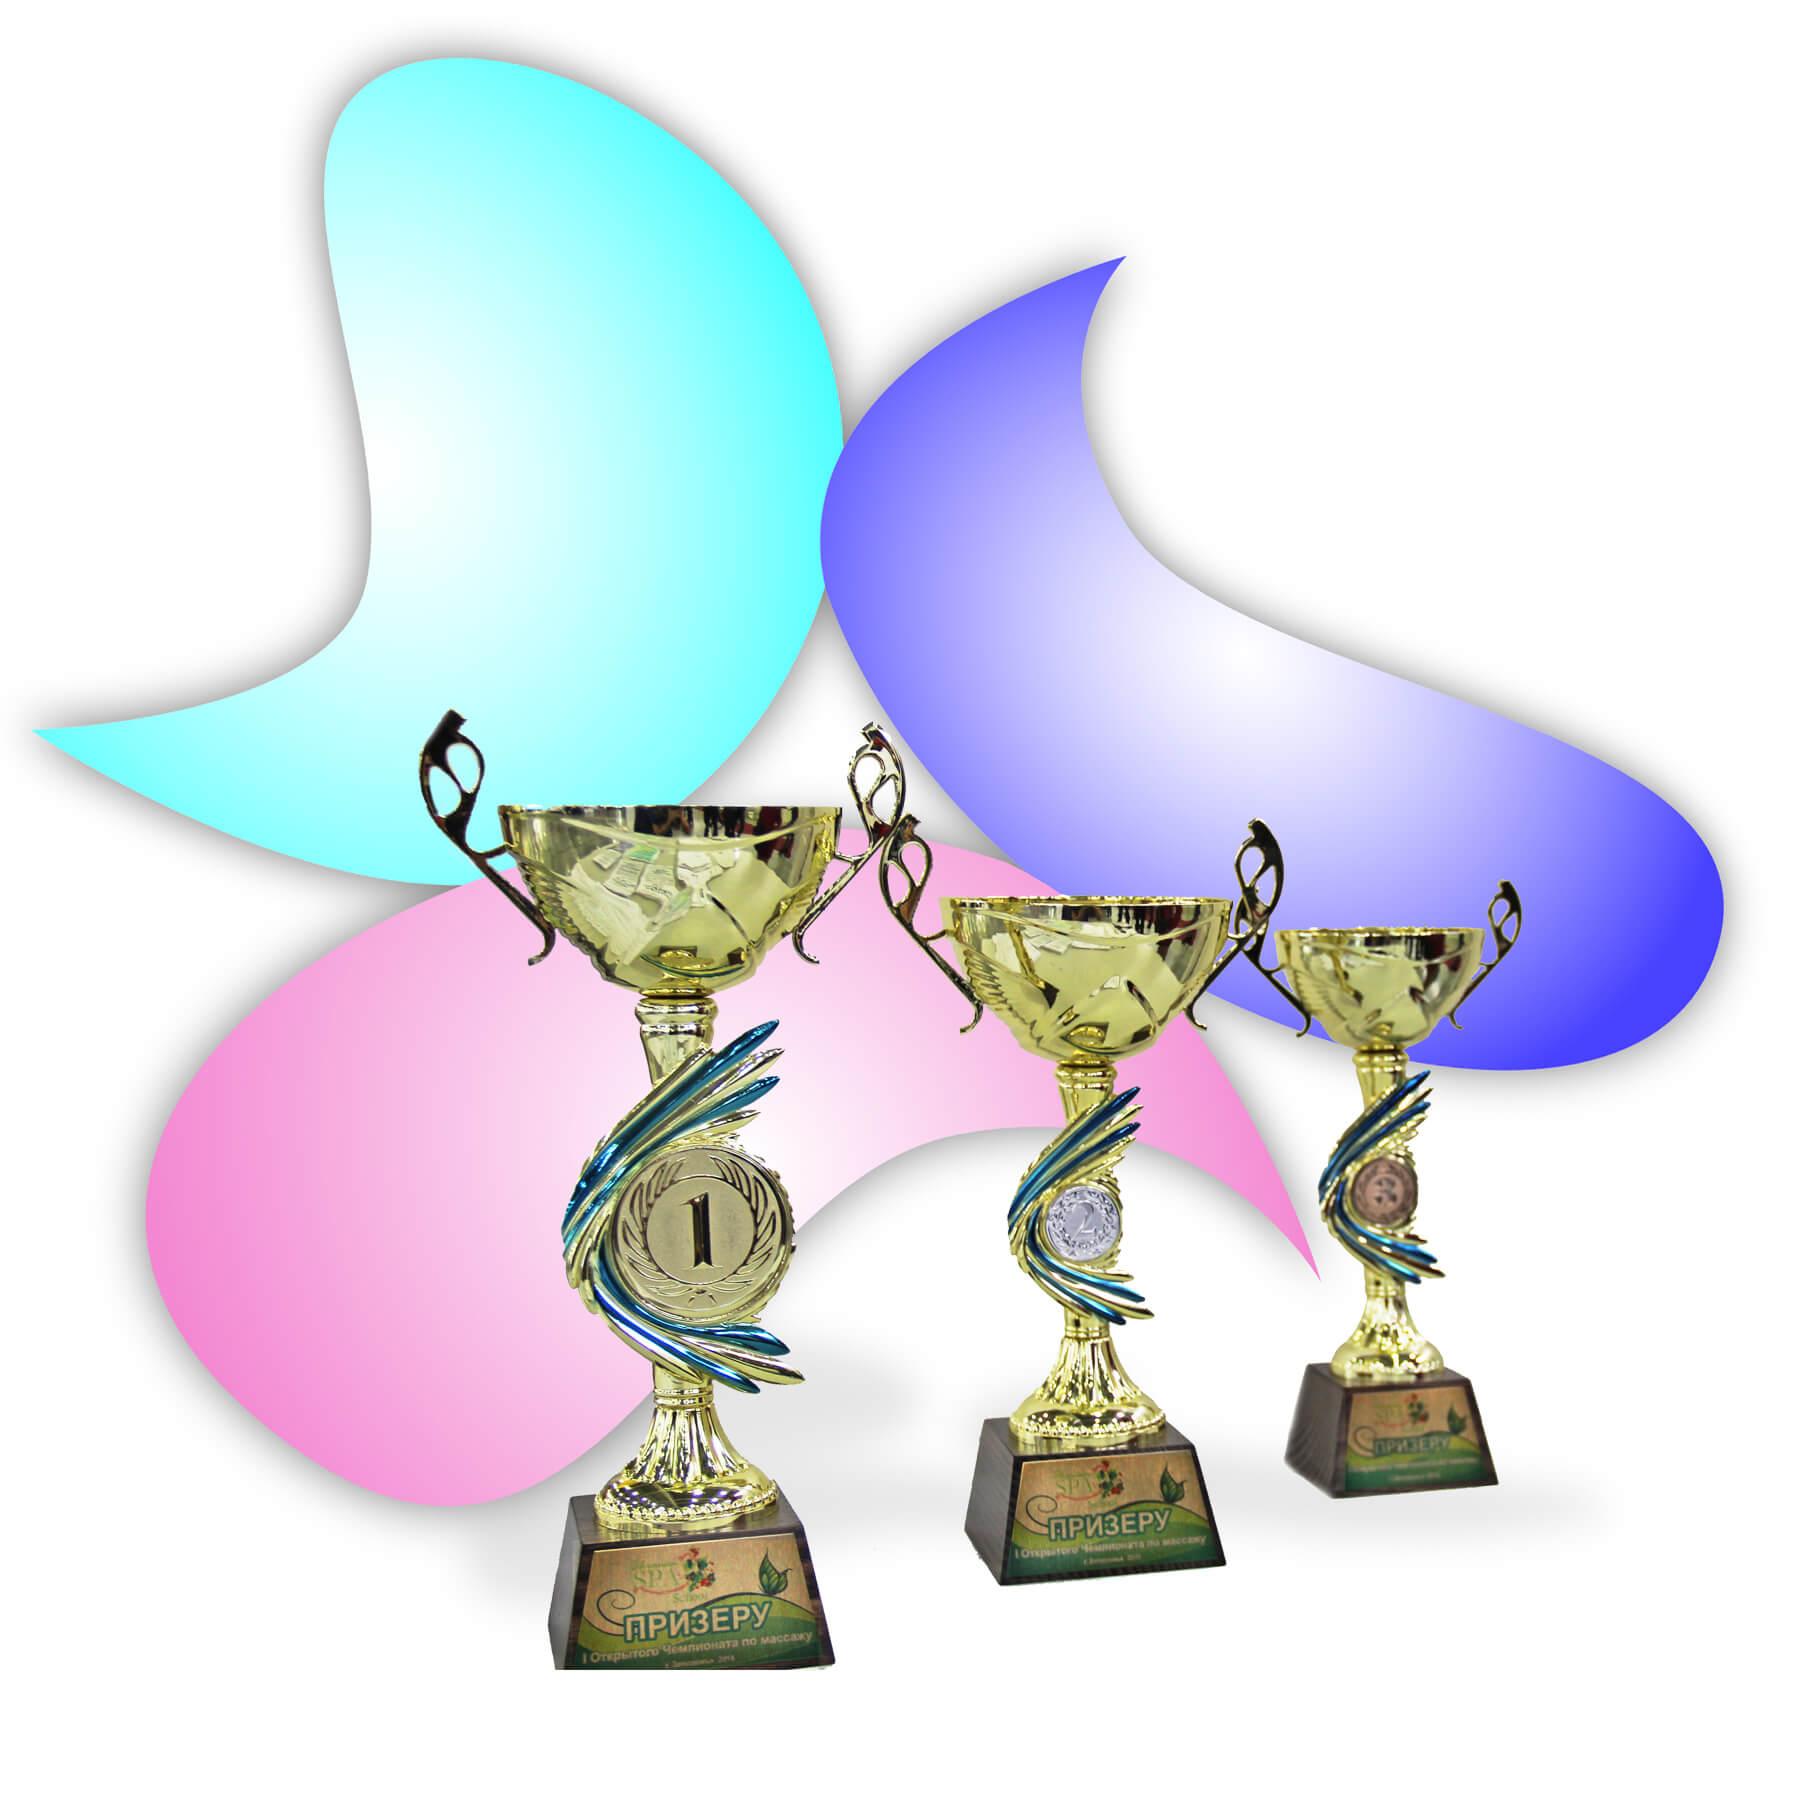 Проводится по правилам и критериям Единой консолидированной системы чемпионатов по массажу, www.spaevent.ru